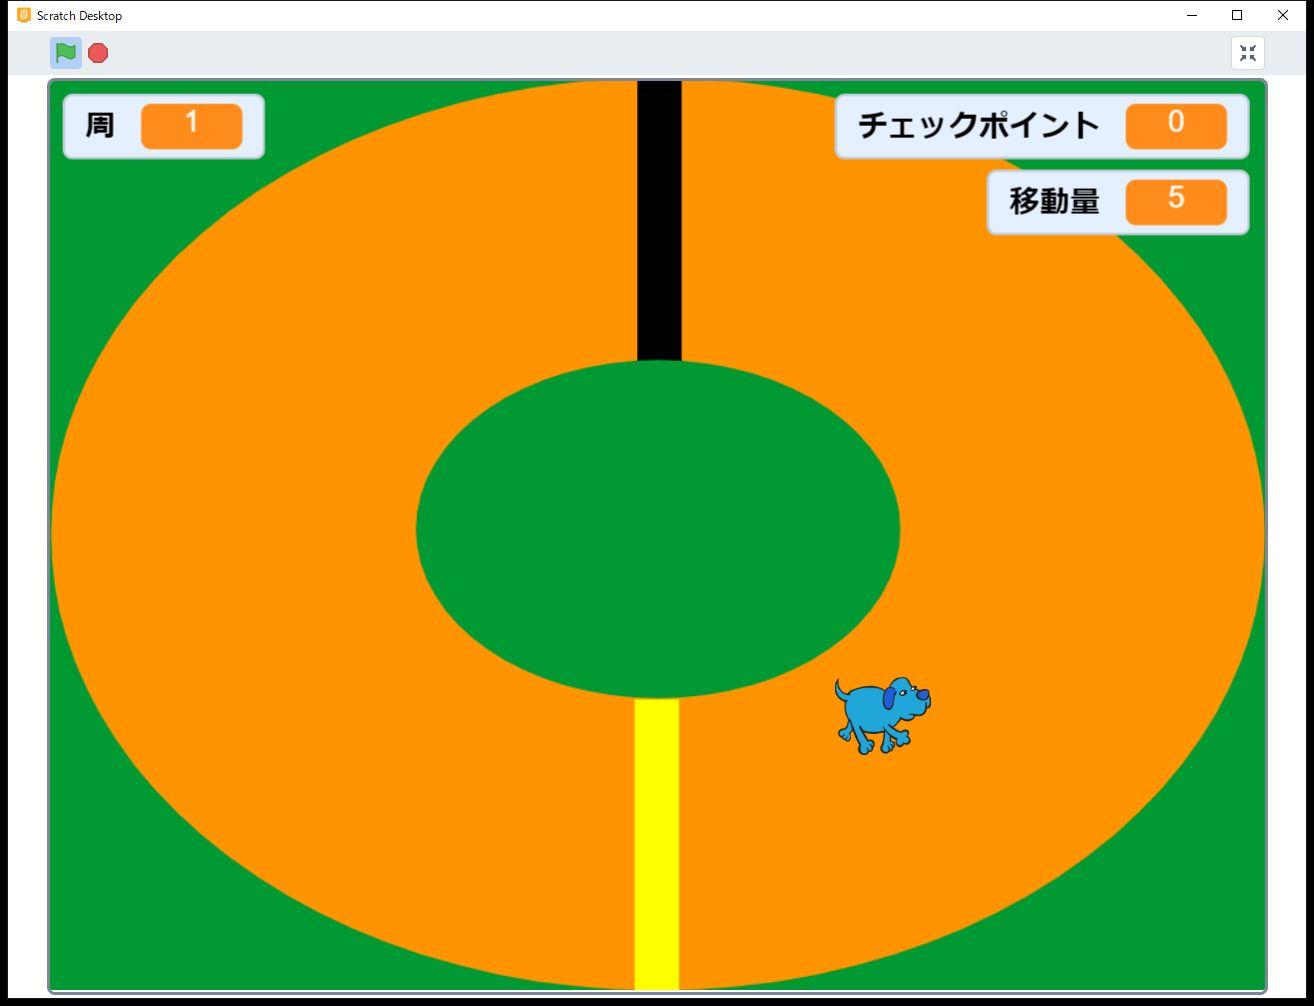 ジュニア・プログラミング検定3級(Bronze)